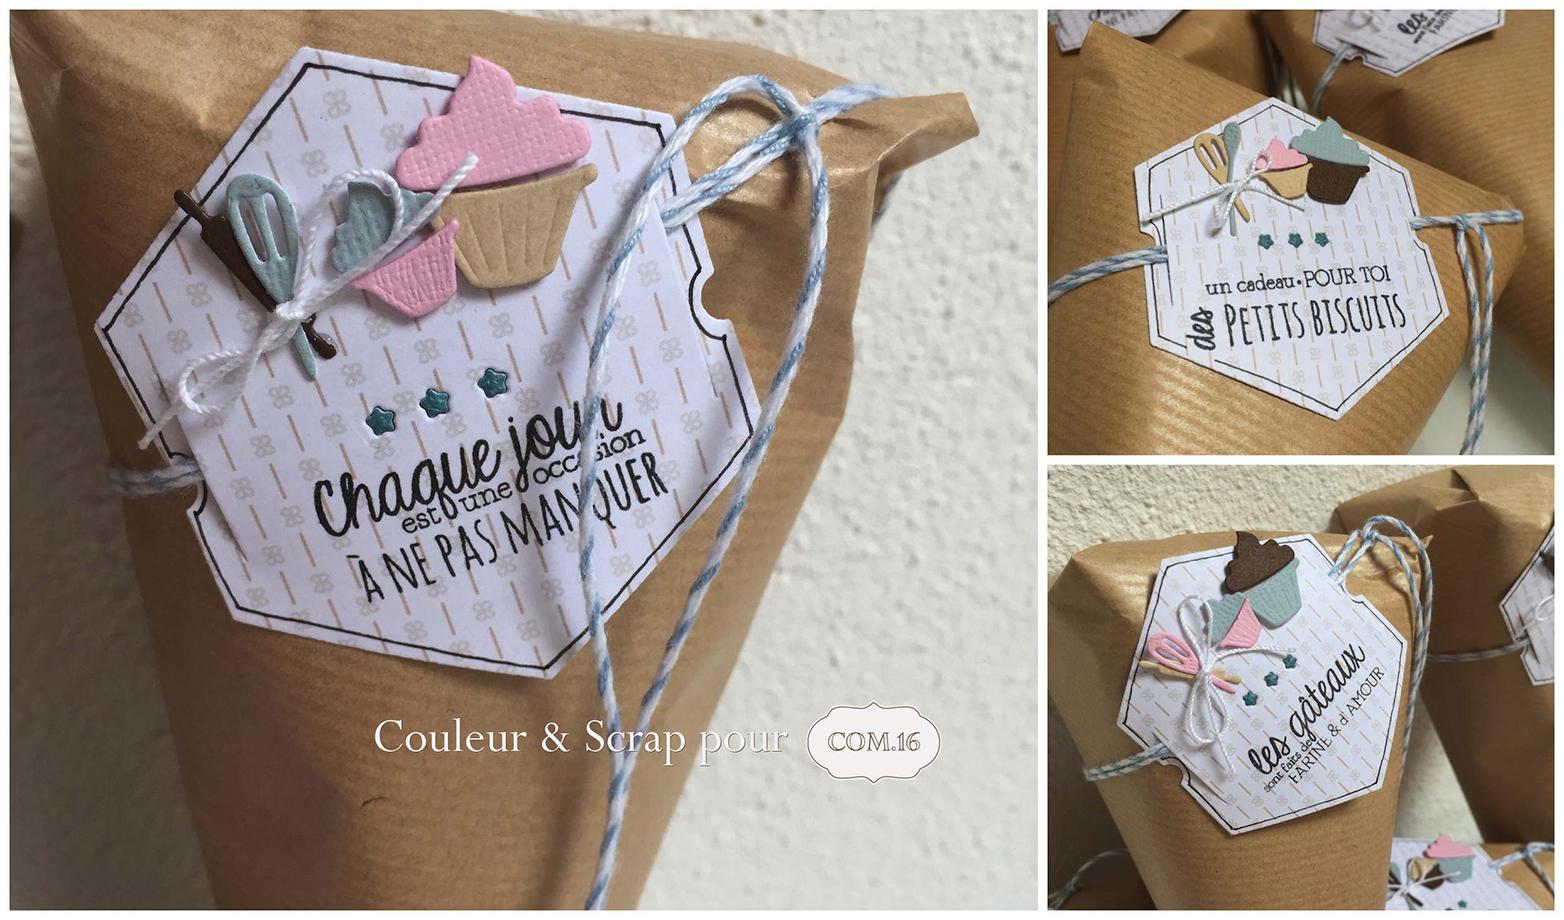 De jolis paquets cadeaux gourmands - Faire de jolis paquets cadeaux ...